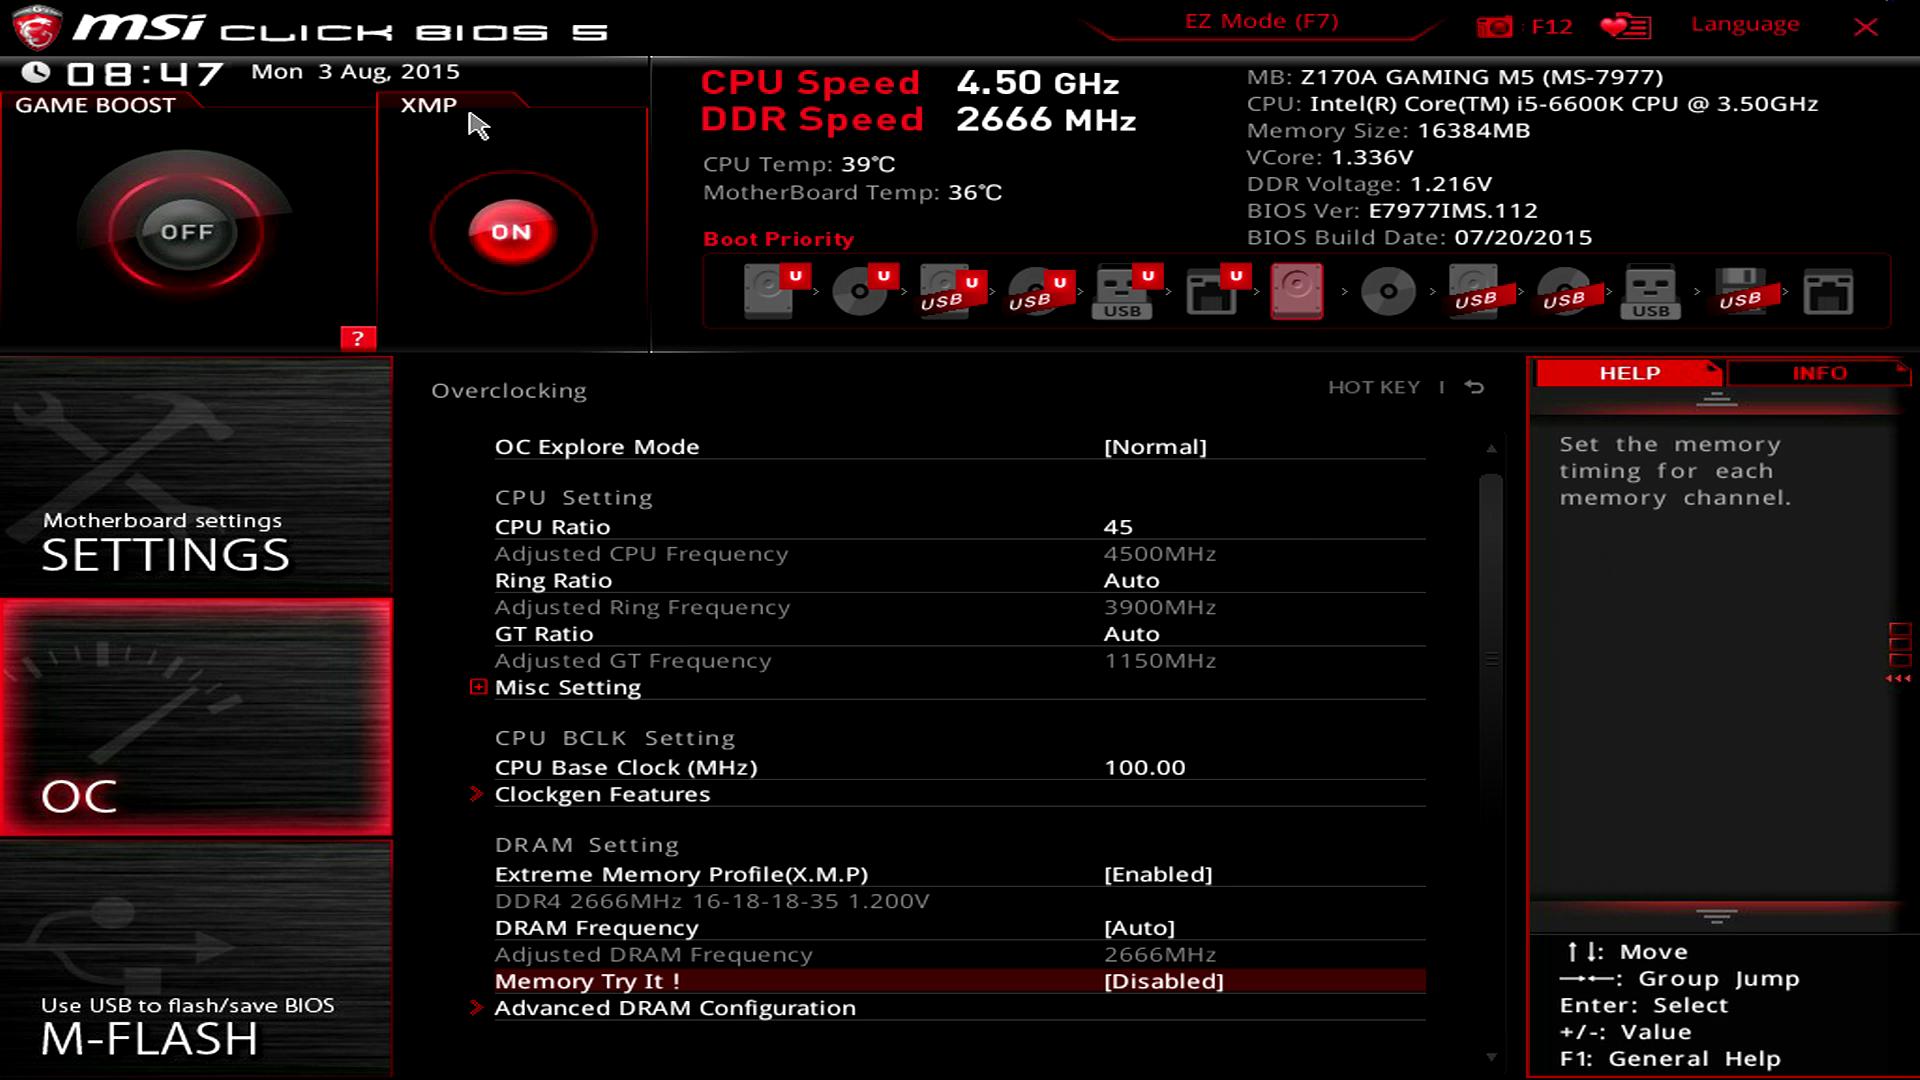 開箱 ASUS Z97Pro Gamer 主機板測試  看板 PCShopping  批踢踢實業坊